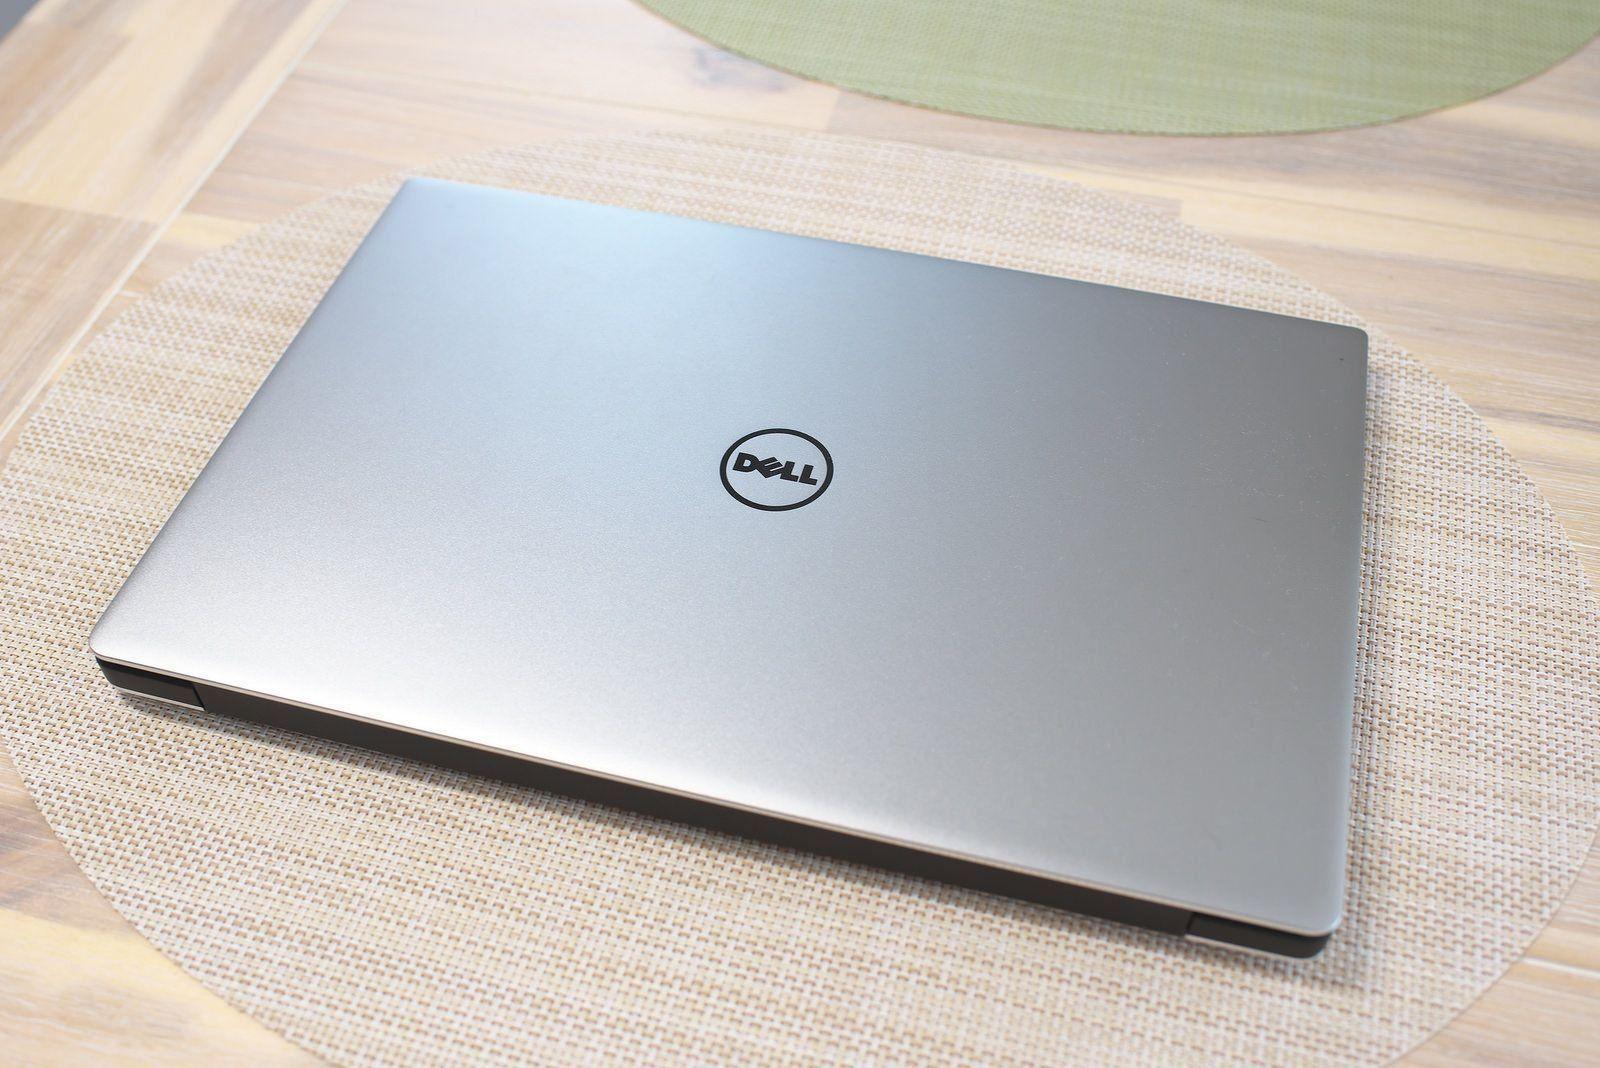 Лучшие ноутбуки-трансформеры в 2019 году